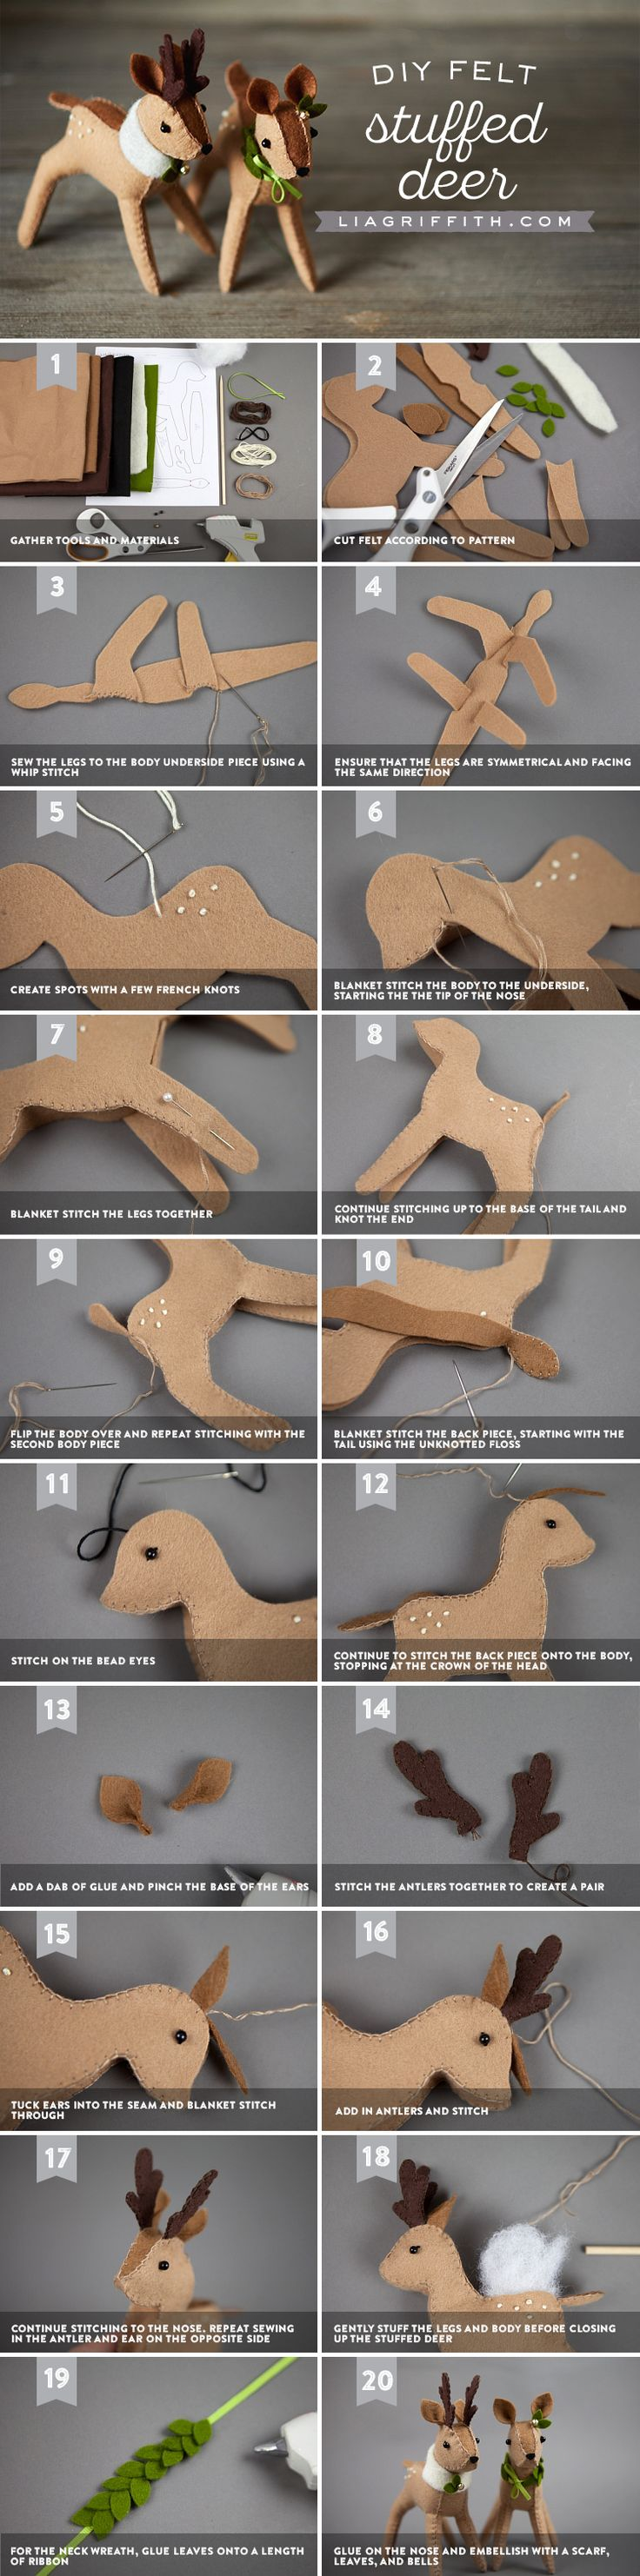 DIY Felt Reindeer